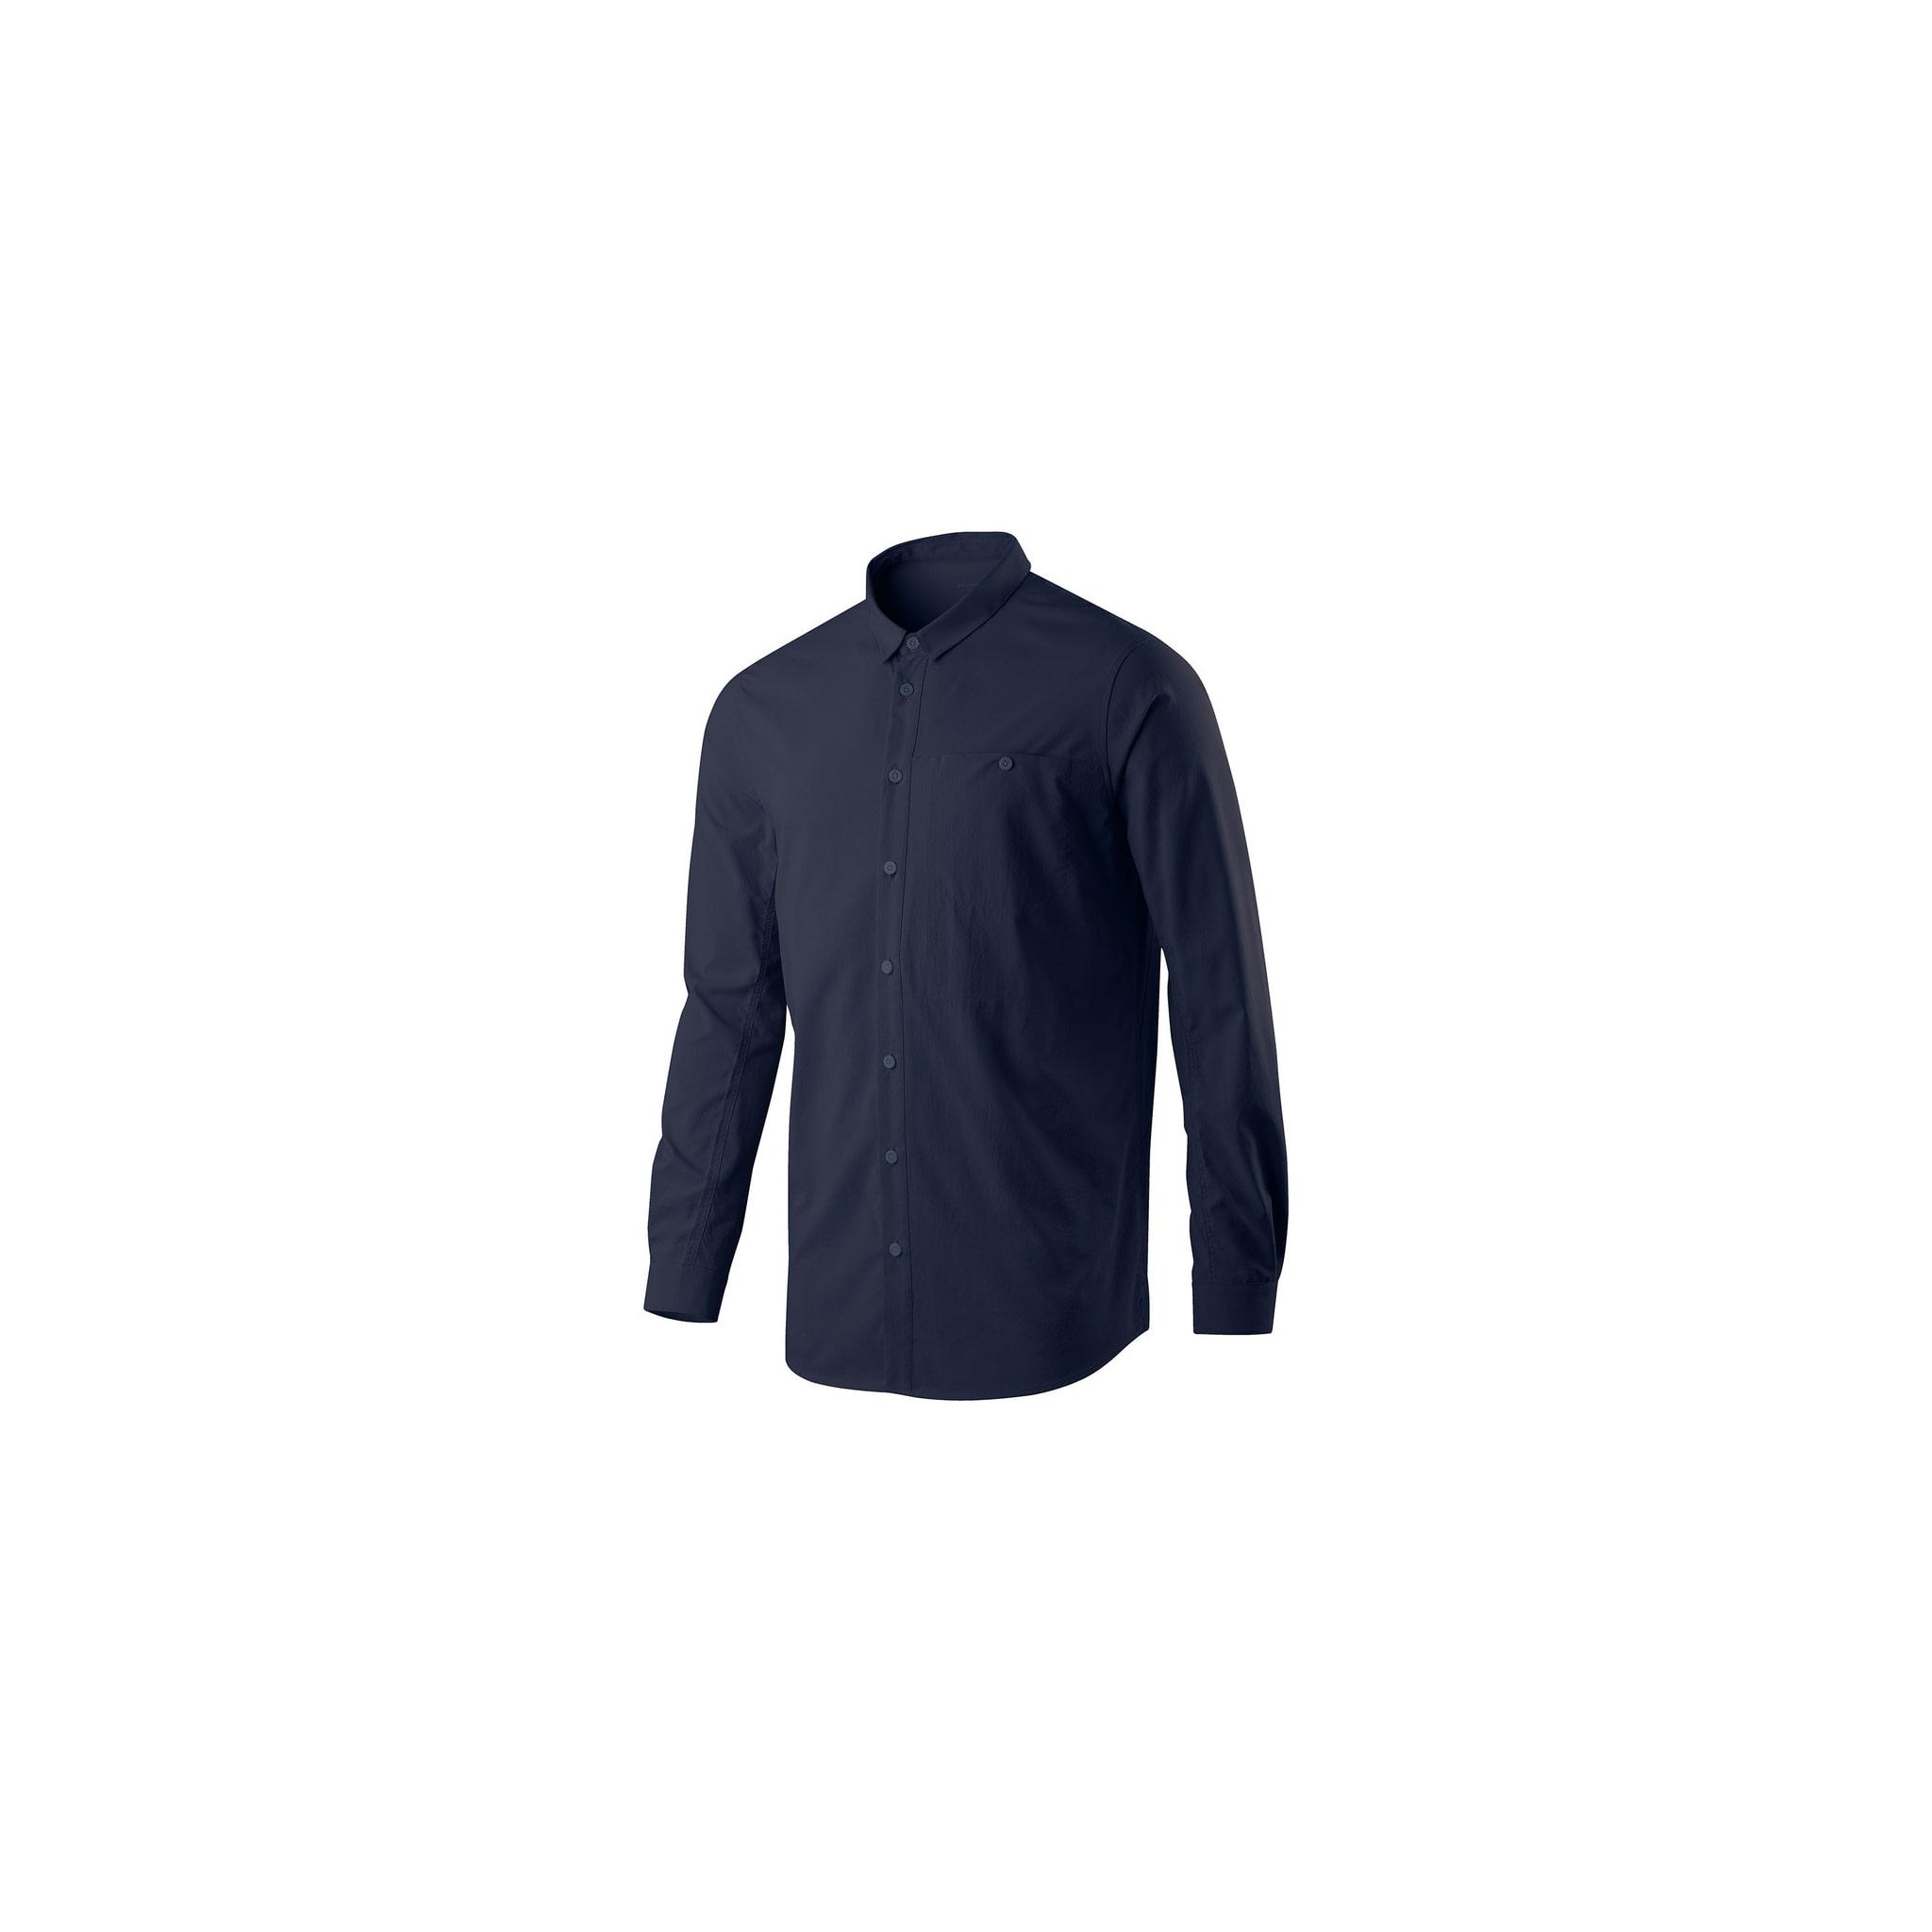 Lett og hurtigtørkende skjorte med følelse av skreddersøm i varmen